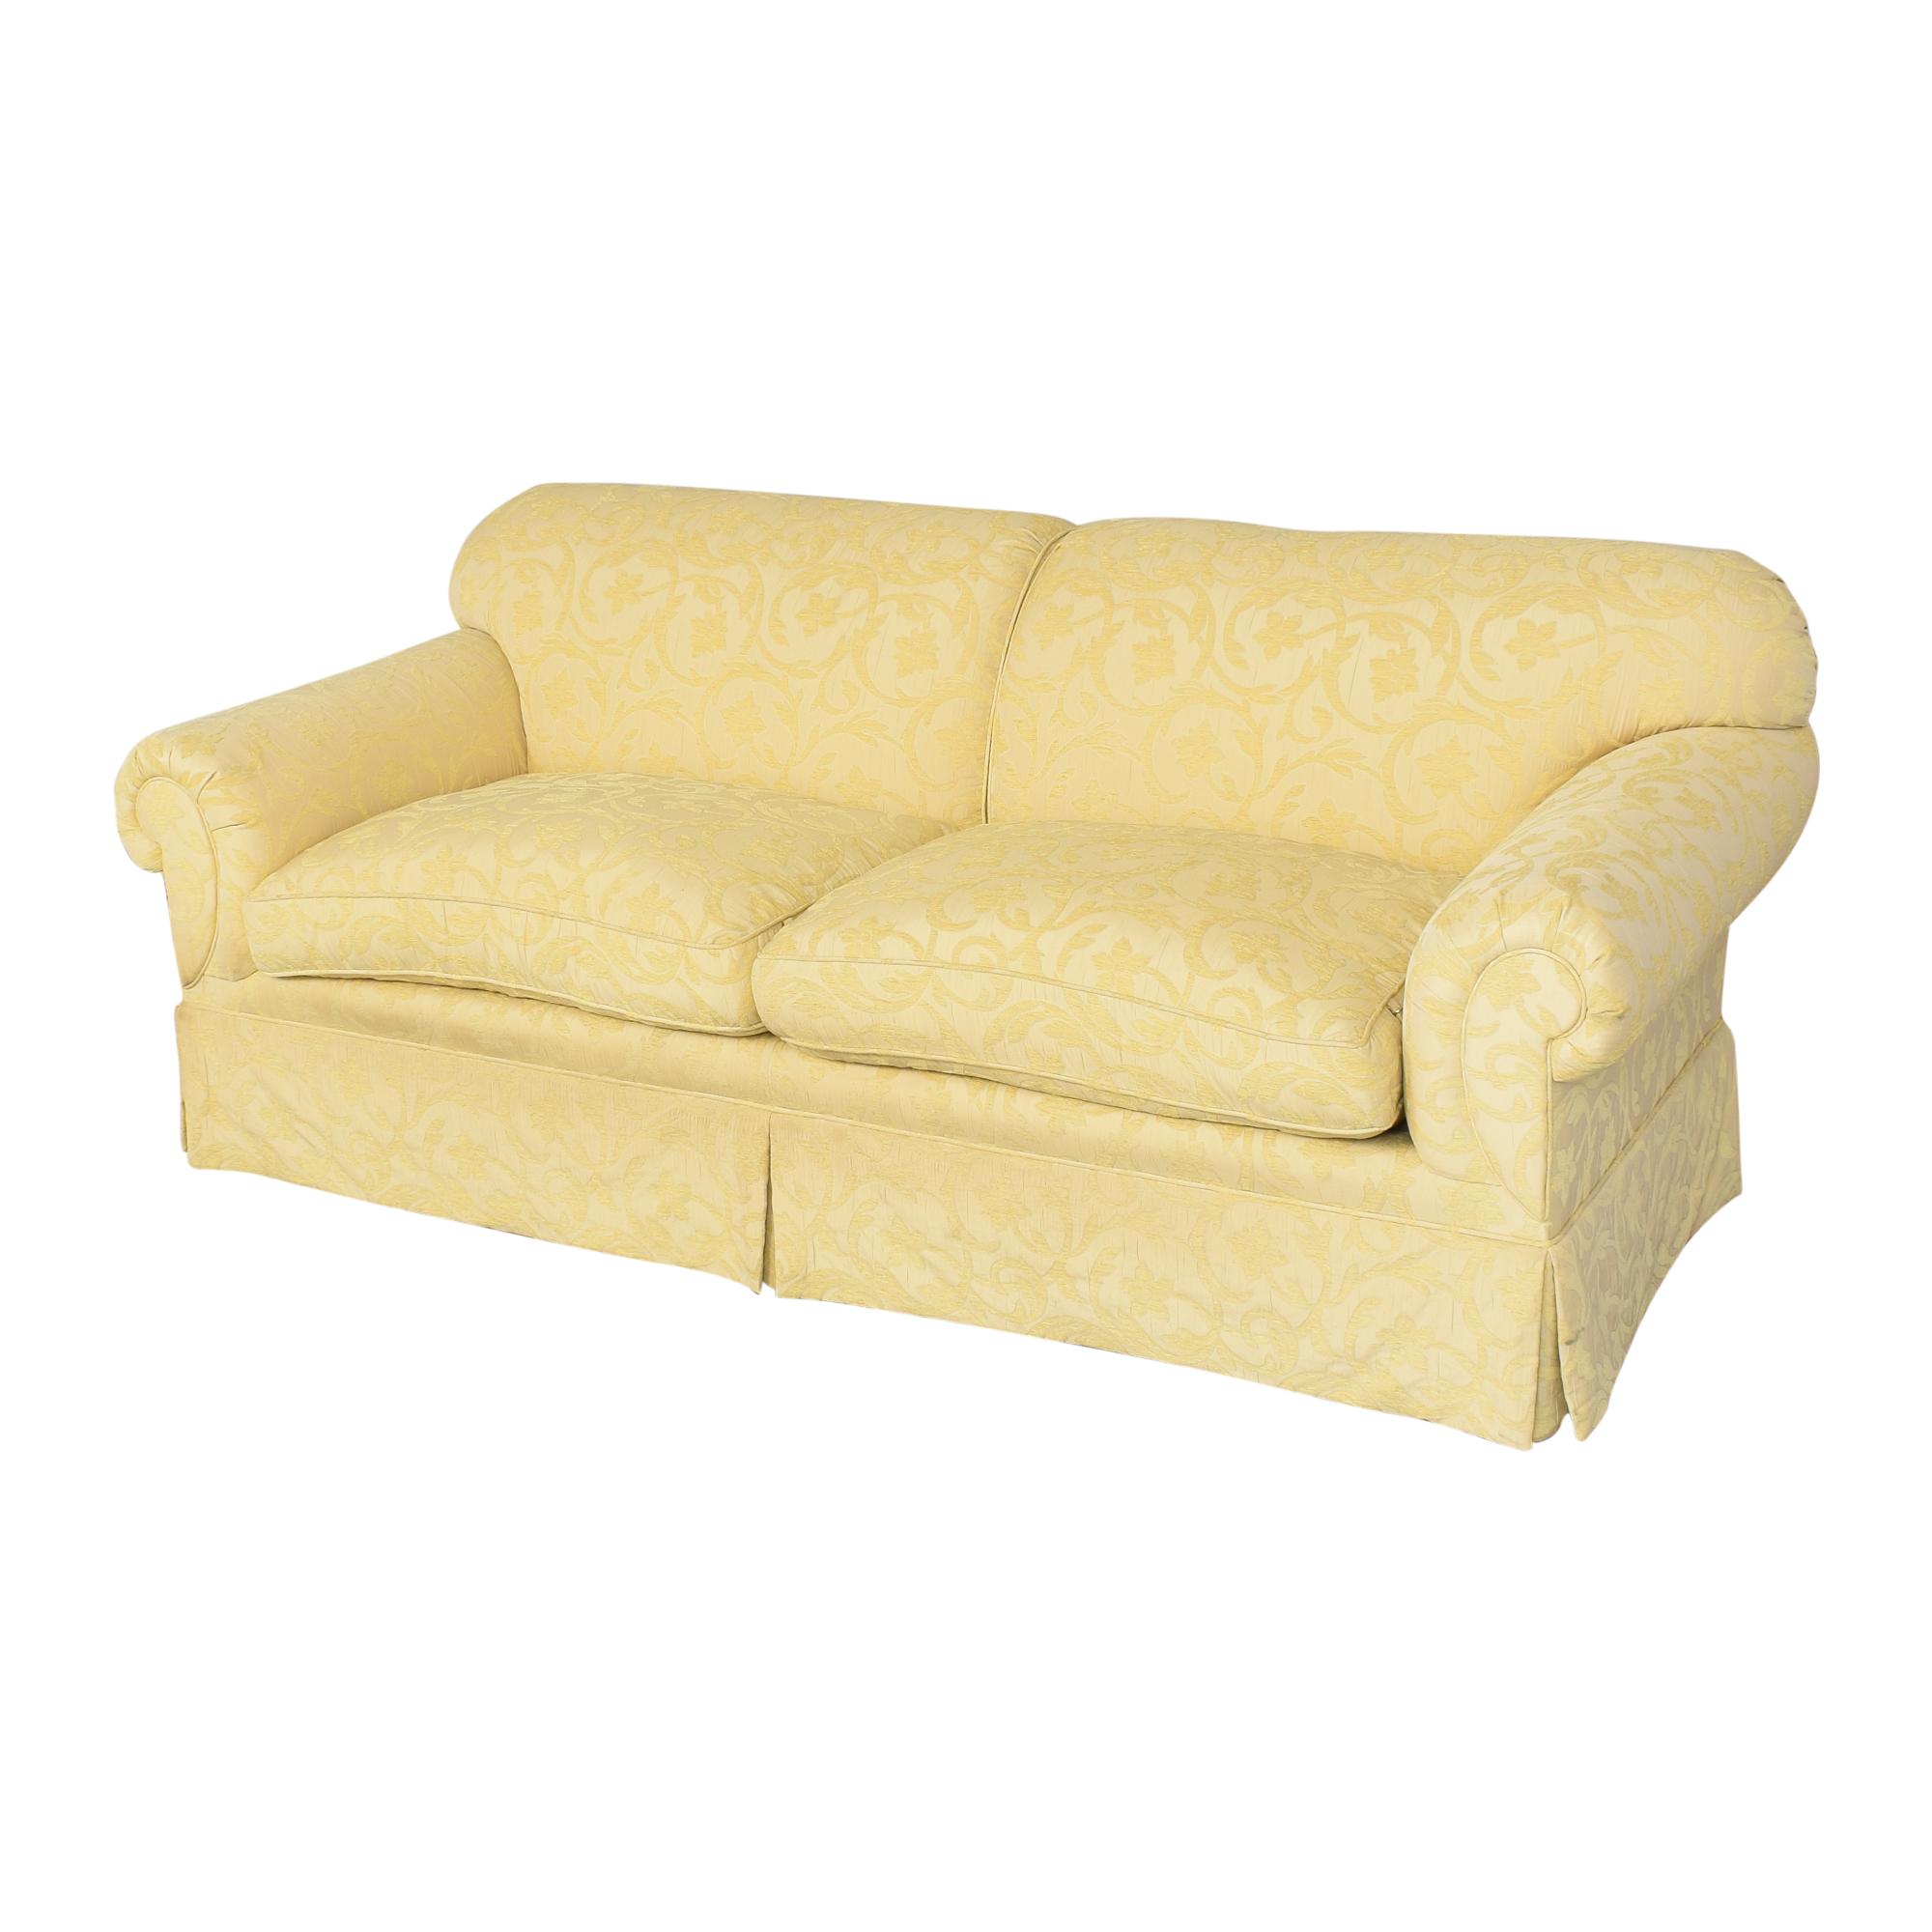 Lee Jofa Lee Jofa Two Cushion Sofa nyc